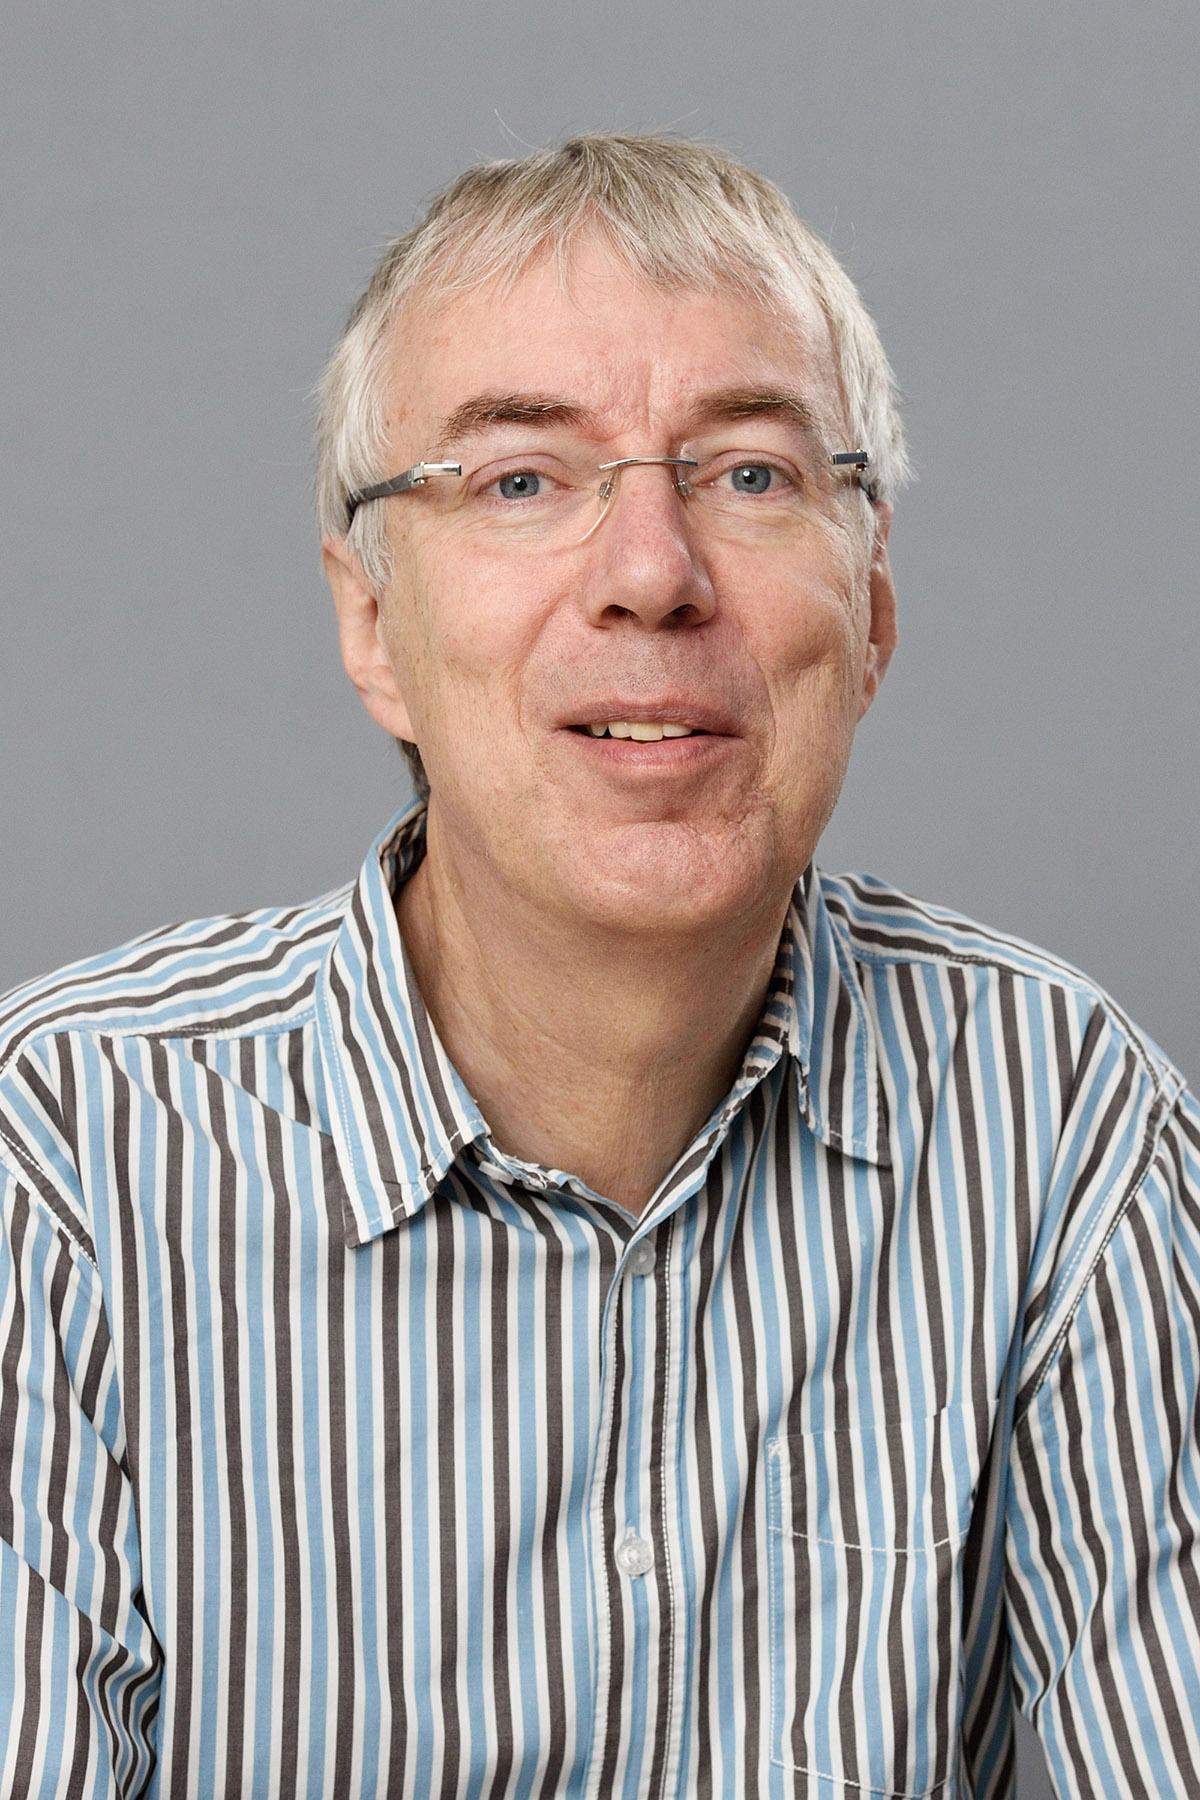 Eikelder, dr.ir. H.M.M. ten